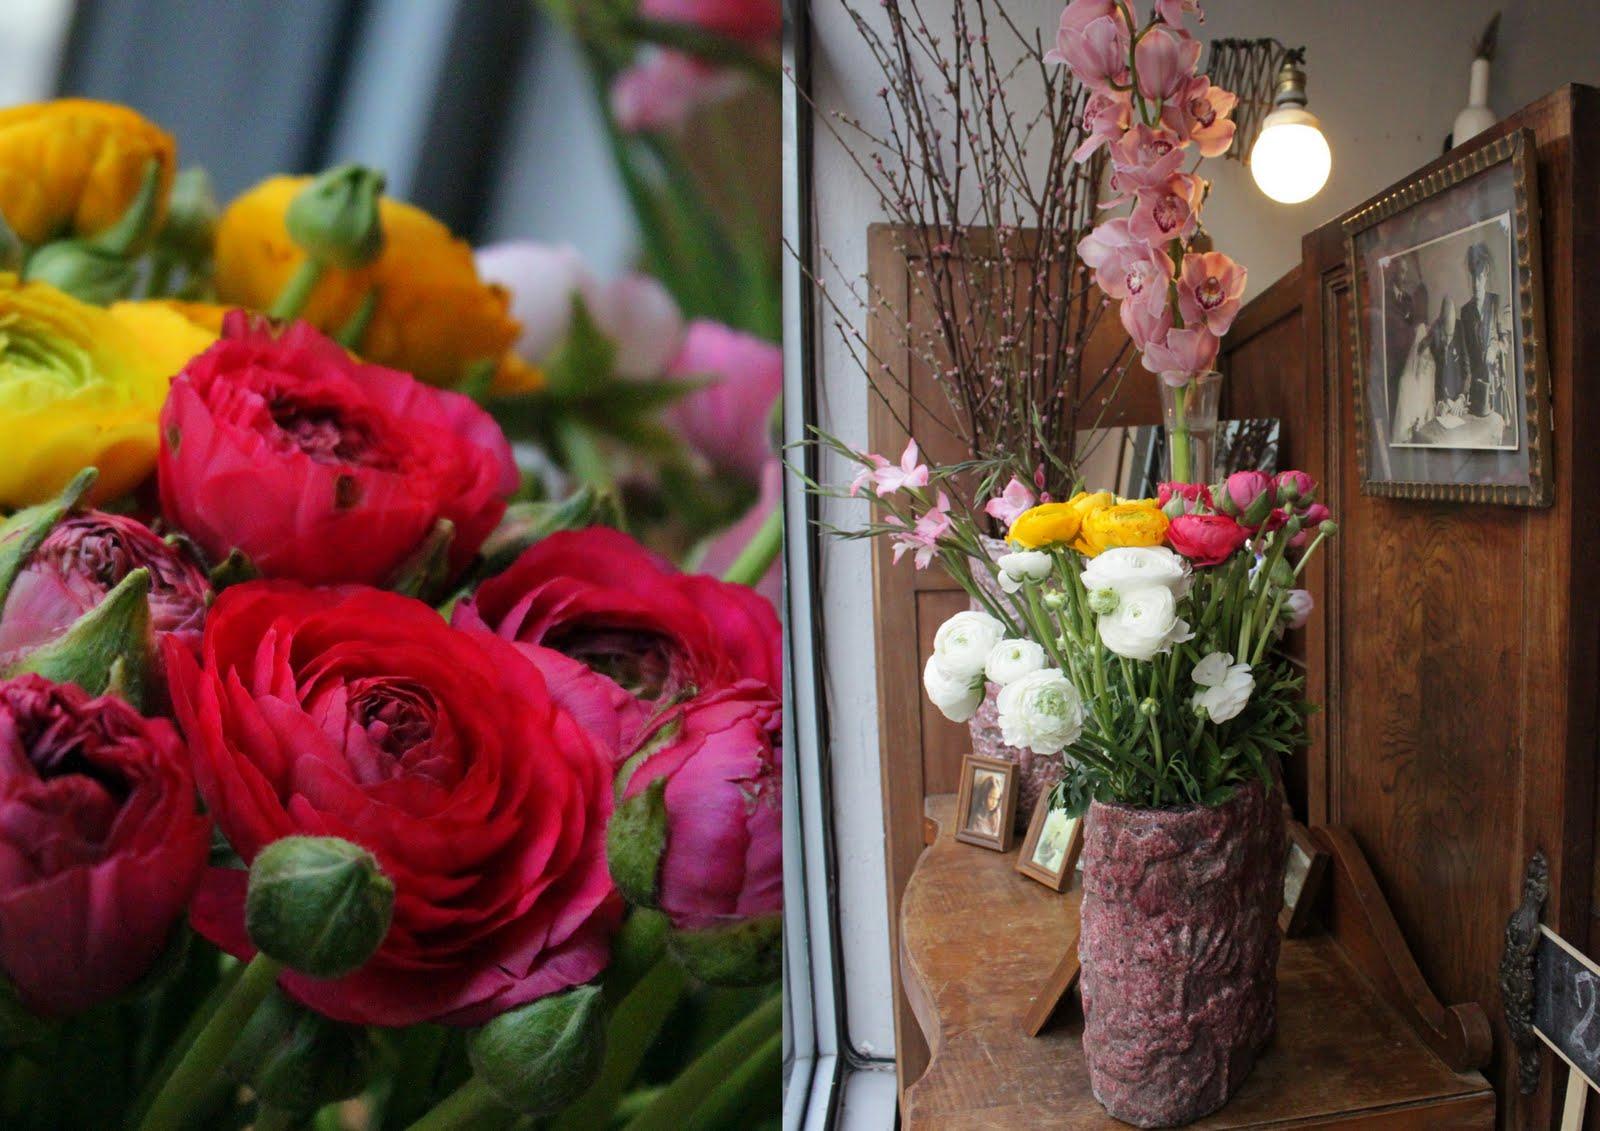 Decorar un cesto con flores secas v rias - Flores secas para decorar ...